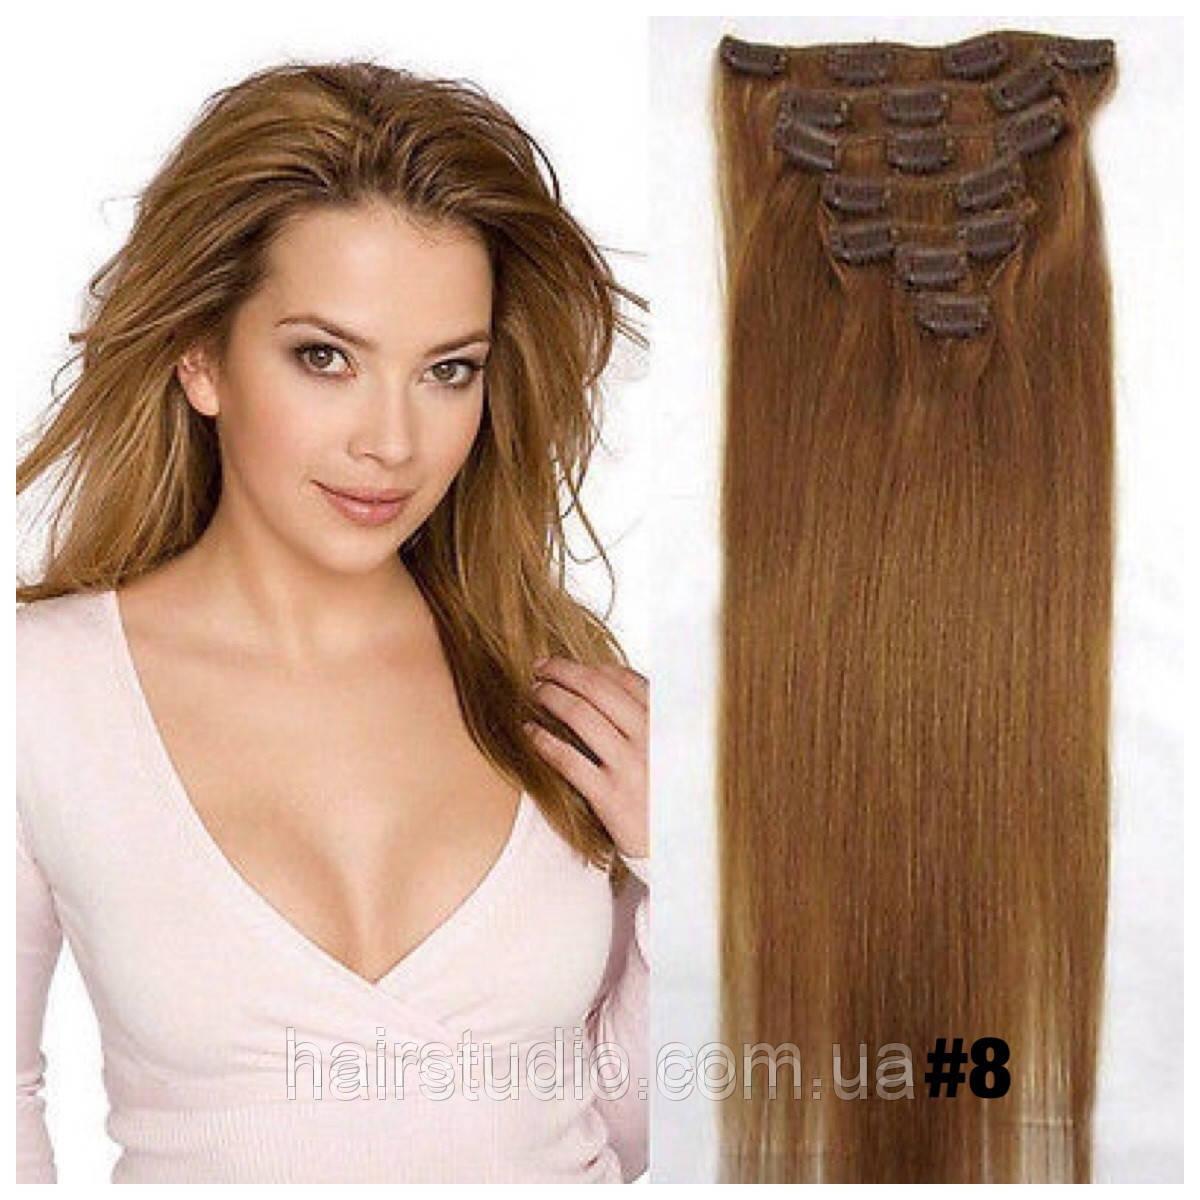 Натуральные волосы Remy на клипсах 60 см оттенок #8 120 грамм